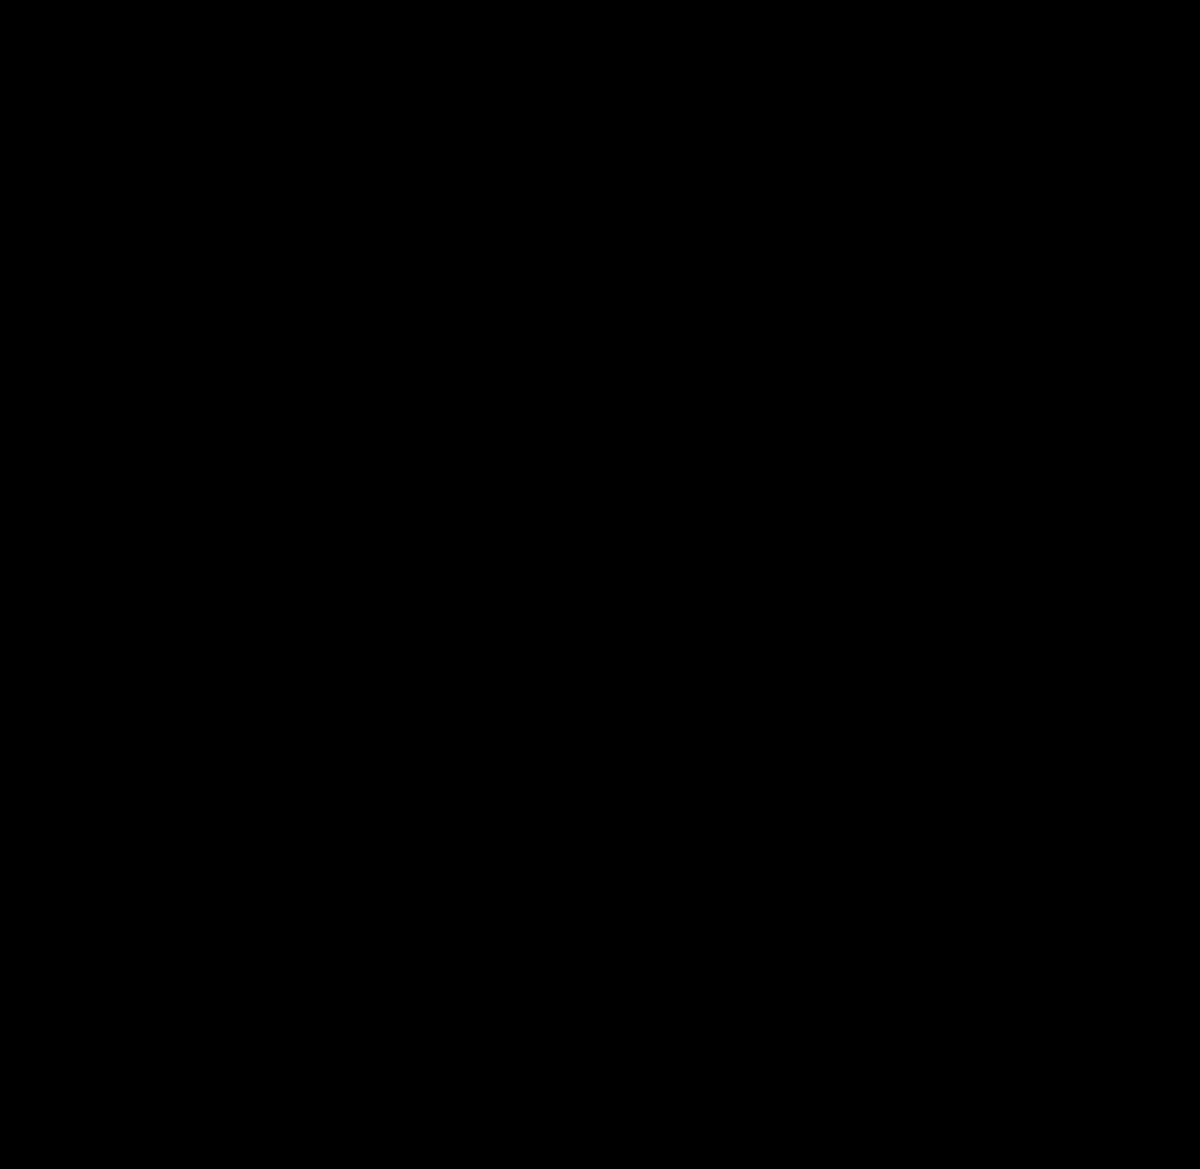 Metalen Schedel XL – Groot Formaat – Metal Skull XL Zwaart – Hoagard | Geometrische Muurdecor van de Schedel XL | Koele Gift Idee voor Hem | Inspiratie voor je Tinerkamer | Cadeau voor Hem